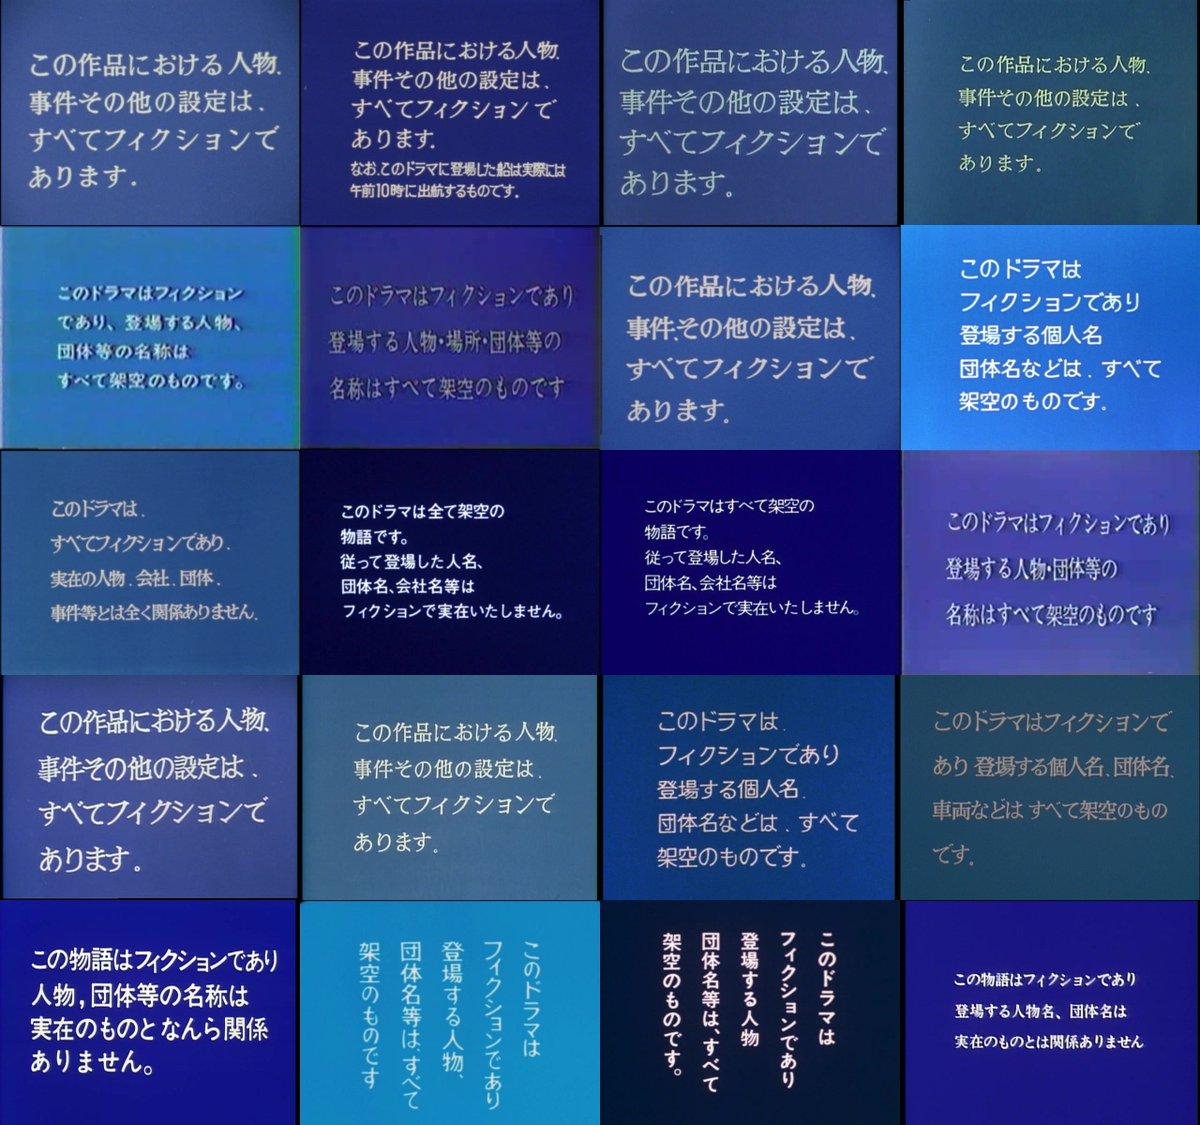 「この作品はフィクションであり…」を色々集めてみた #暑い夏がやって来たので青色か水色の画像を流してTLをひんやりさせる https://t.co/FxG0u6Sqee